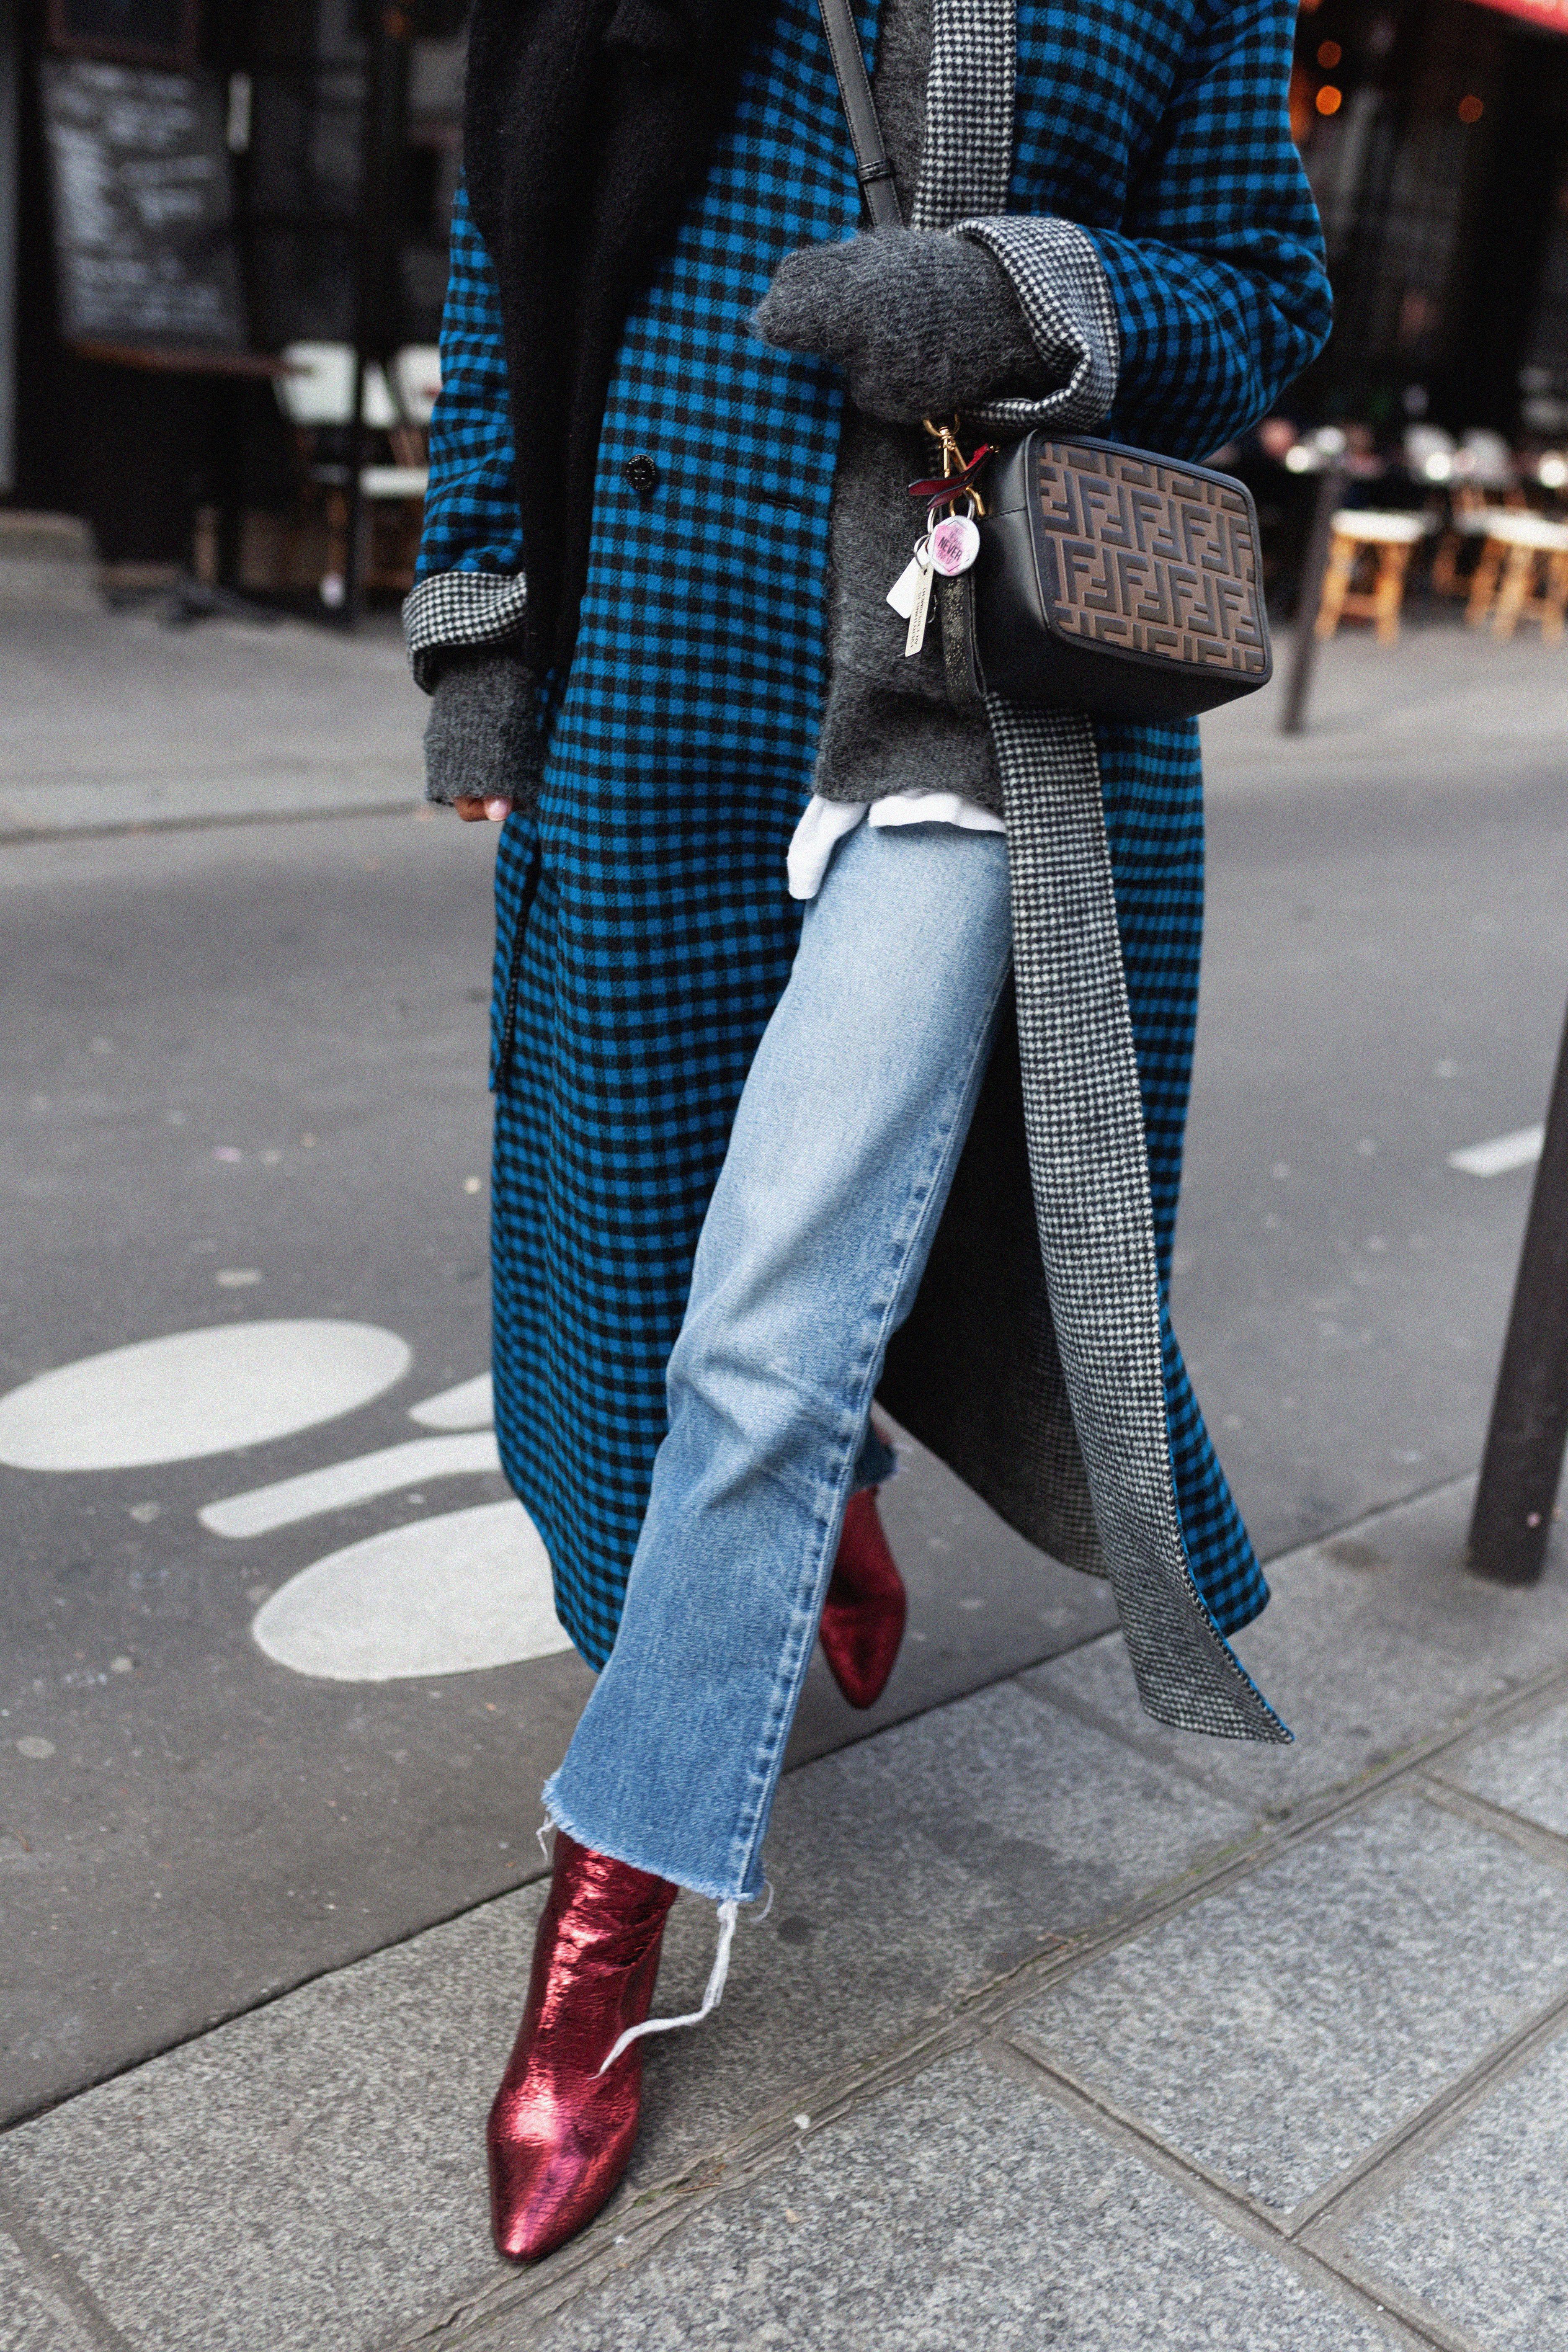 BLUE DIONNE - Les babioles de Zoé : blog mode et tendances, bons plans shopping, bijoux